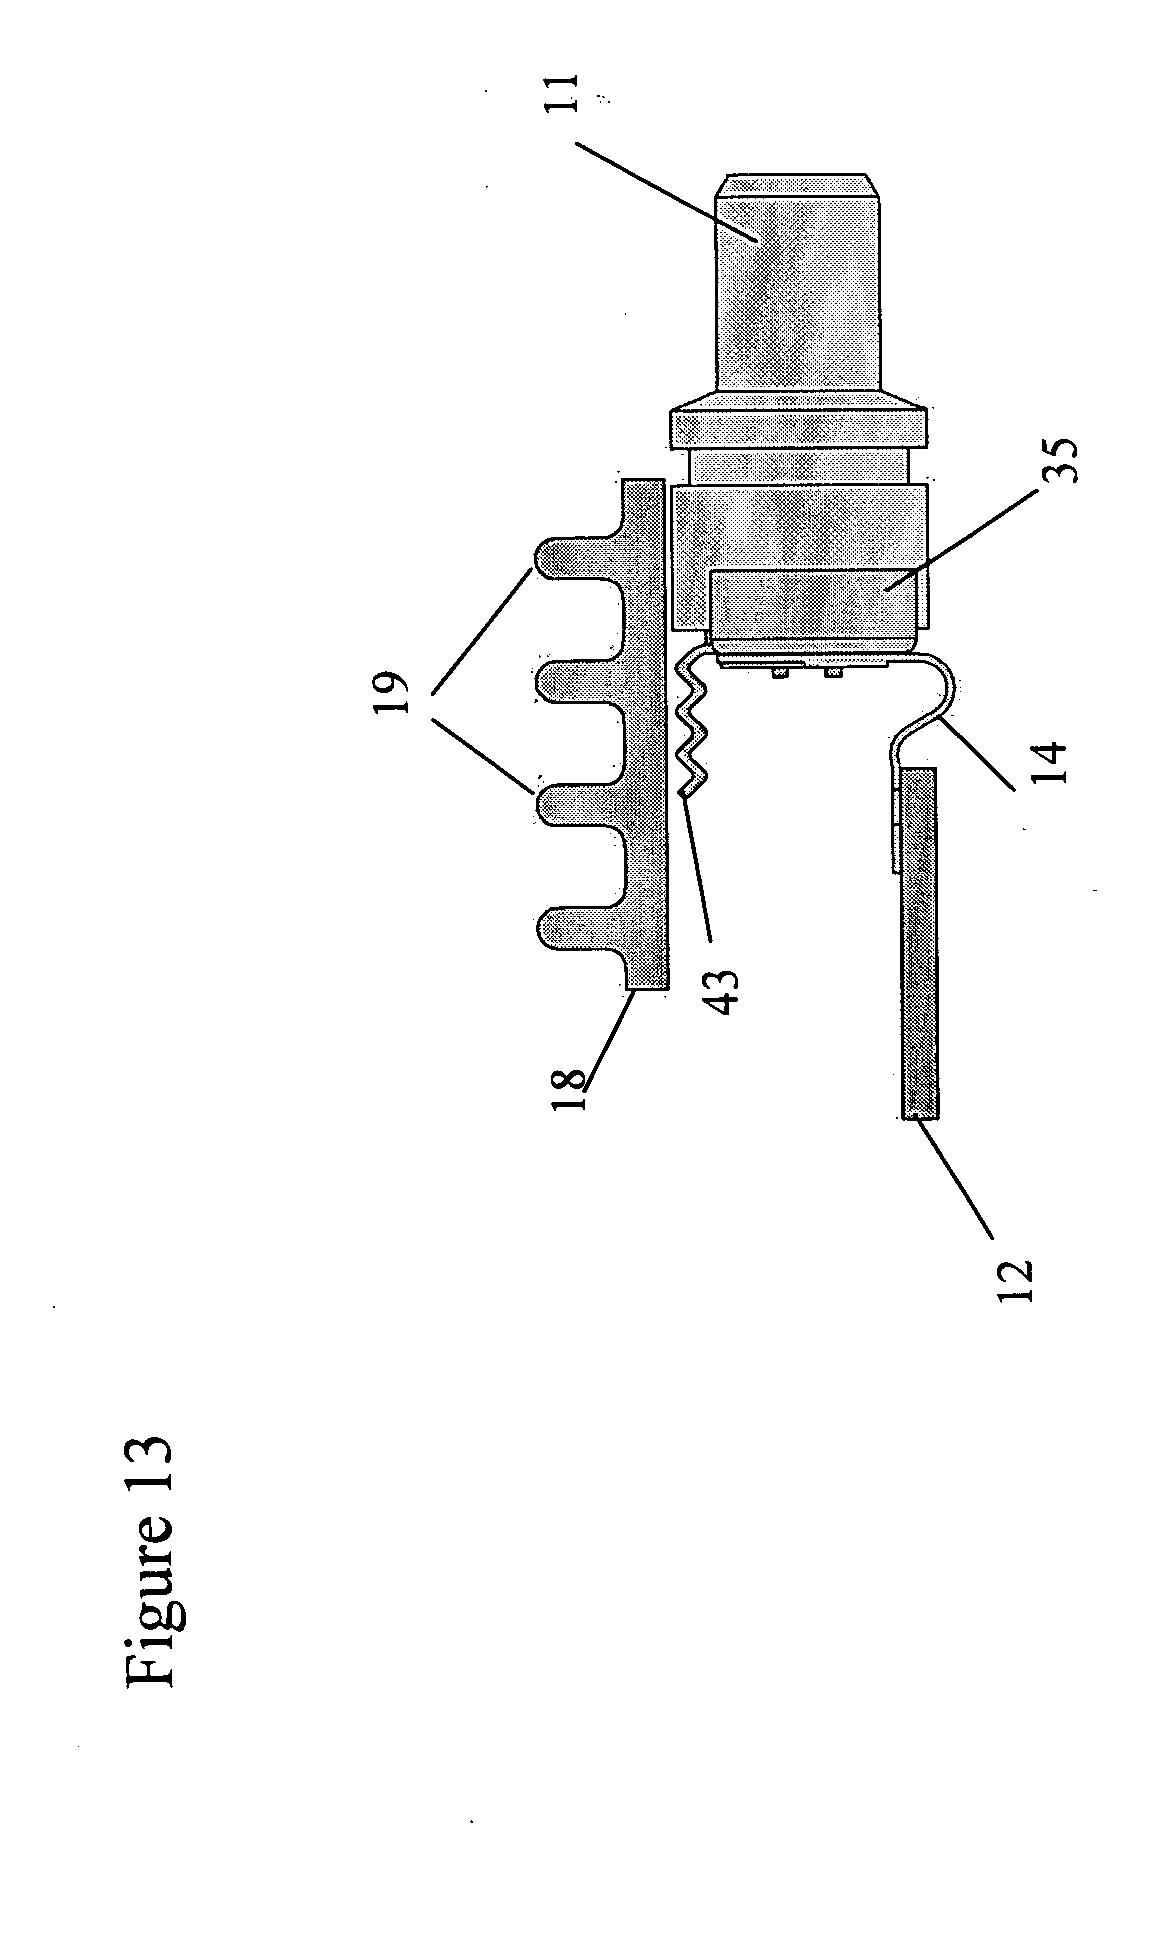 patent us20050162761